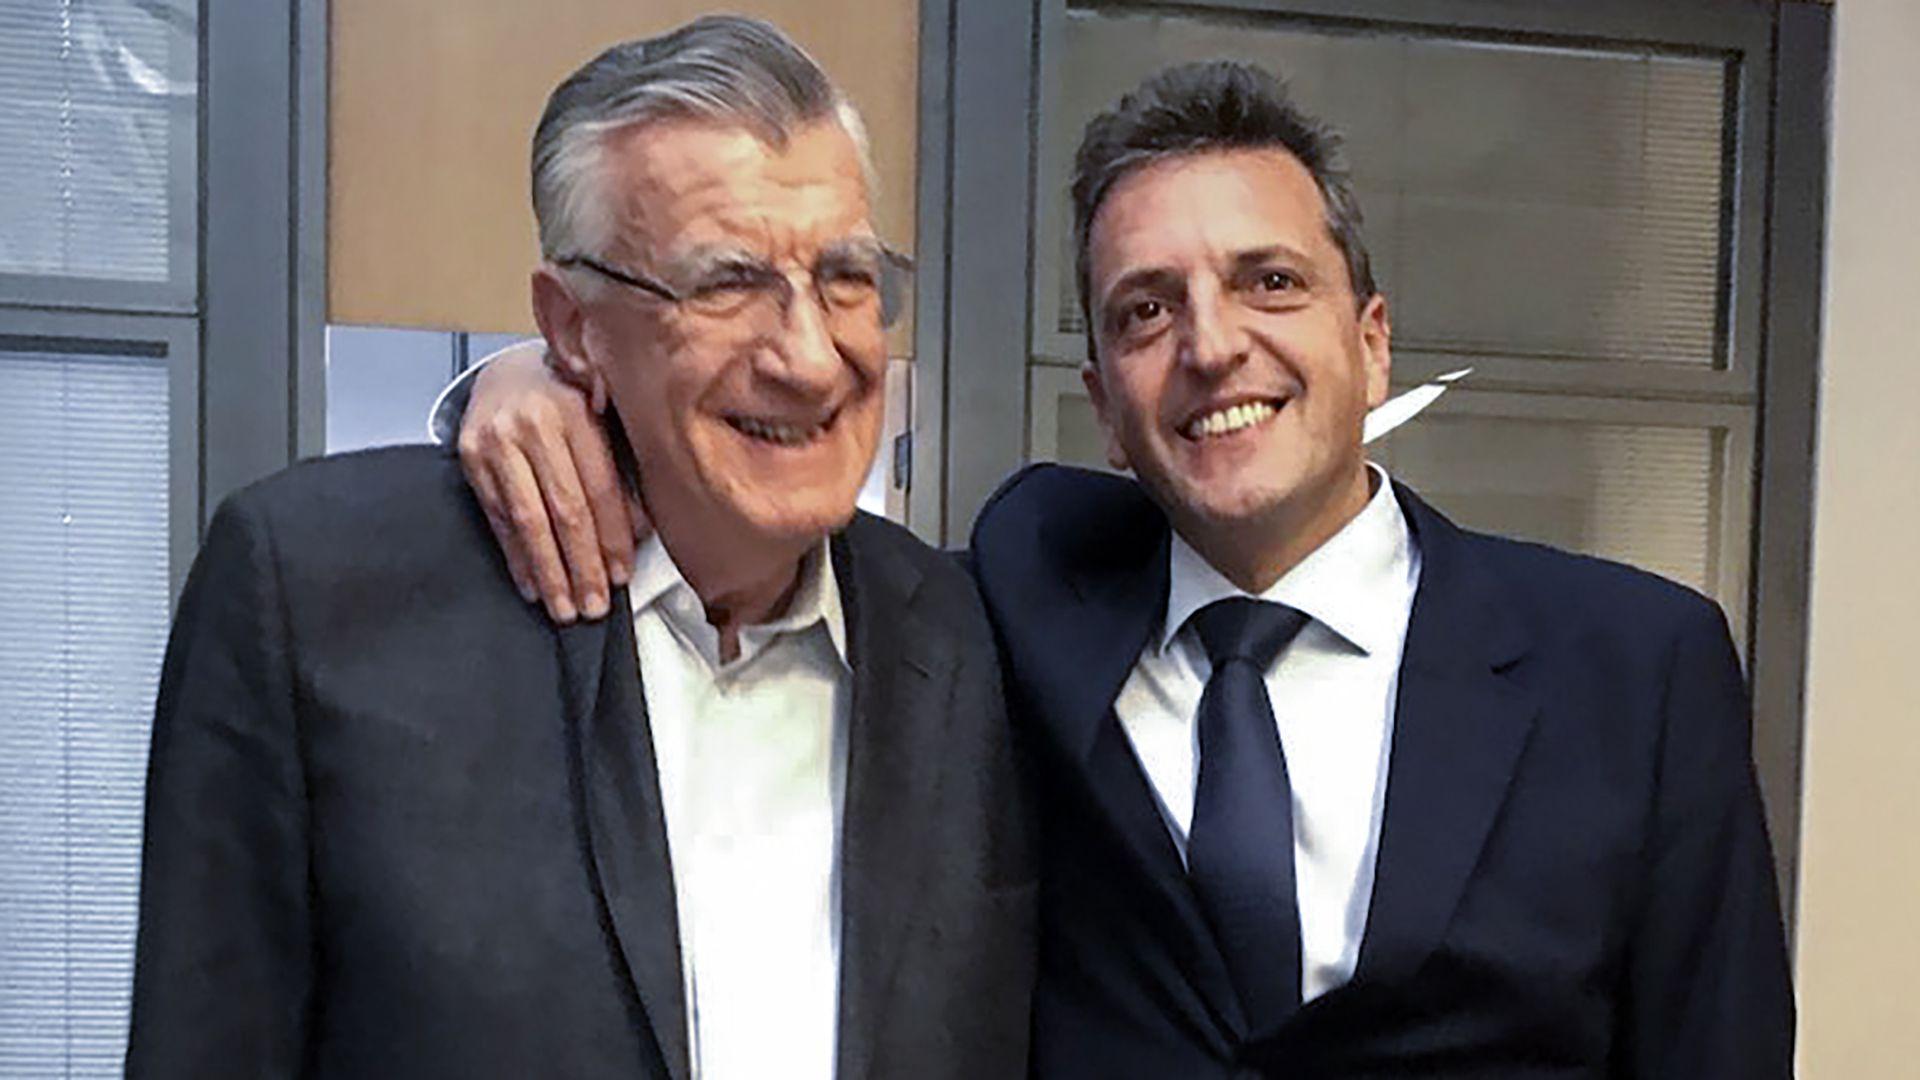 El líder del Frente Renovador, Sergio Massa y el presidente del PJ, José Luis Gioja durante la reunión que mantuvieron ayer a la tarde